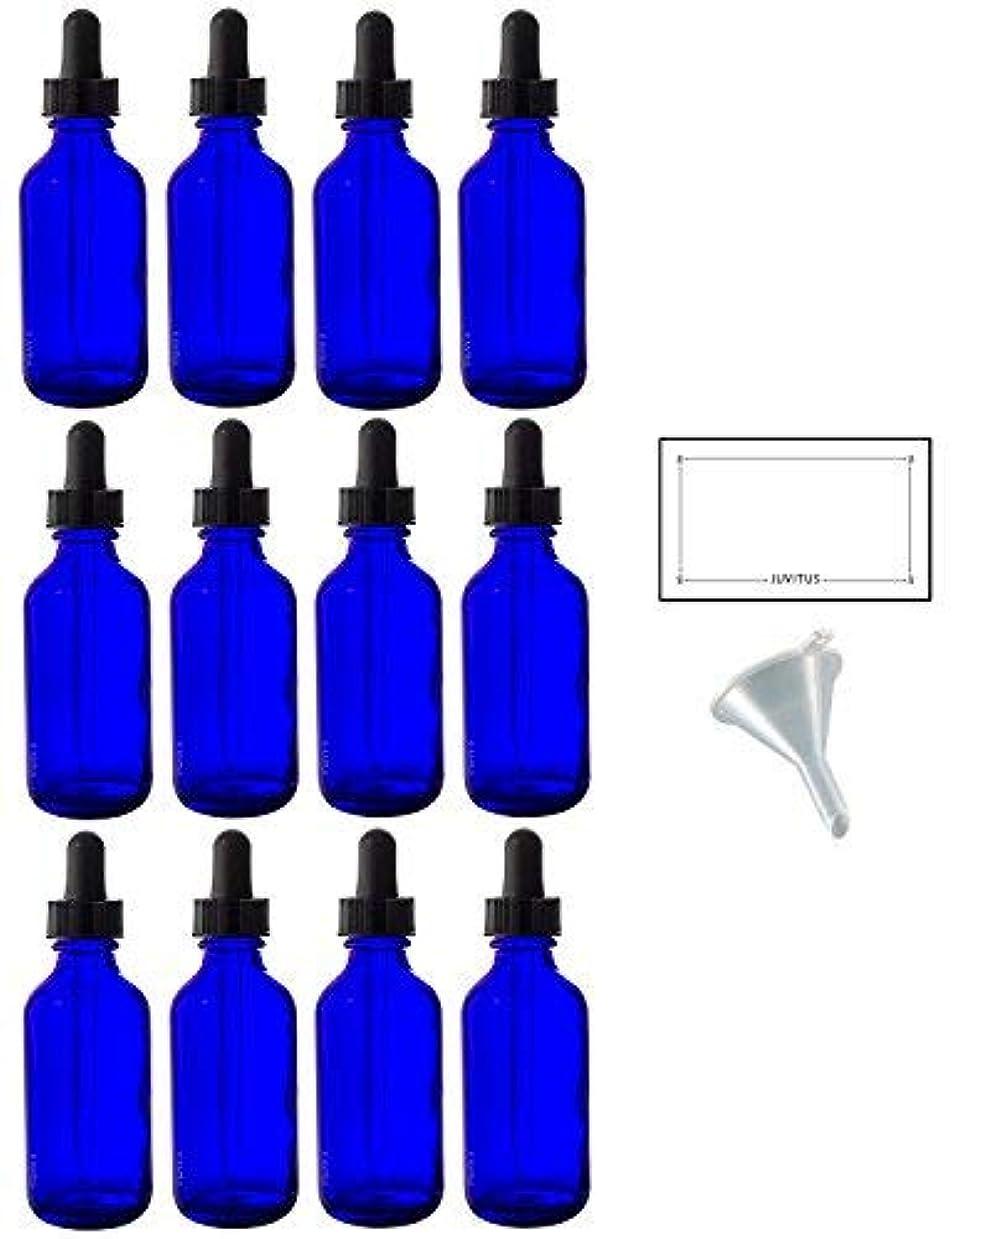 膨らませる性格シャトル2 oz Cobalt Blue Glass Boston Round Dropper Bottle (12 pack) + Funnel and Labels for essential oils, aromatherapy...